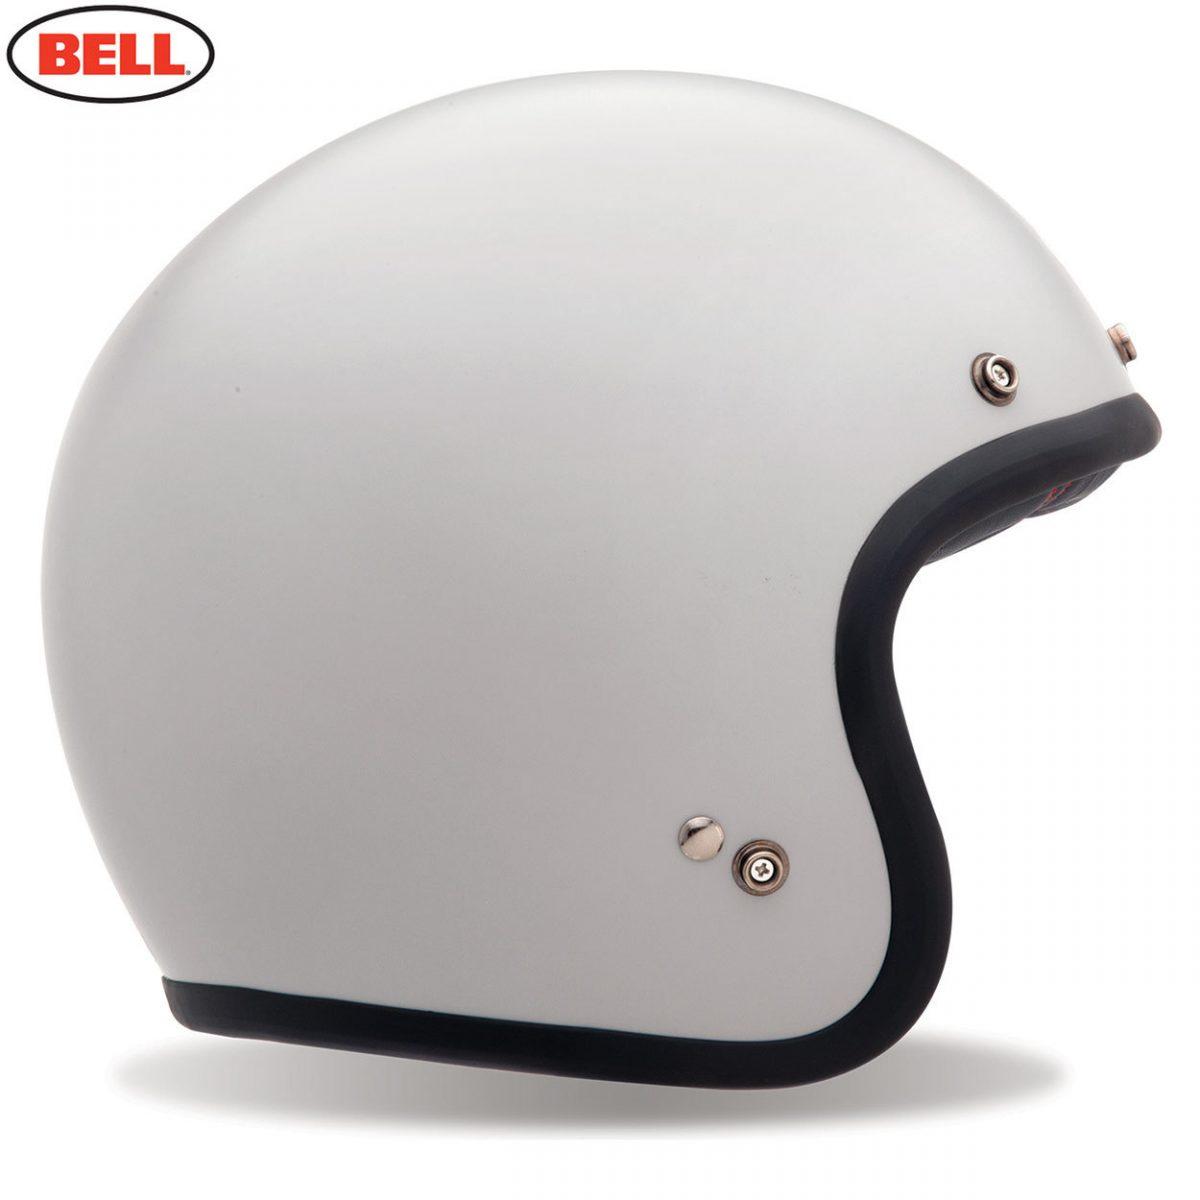 Bell Cruiser Custom 500 Adult Helmet Vintage White